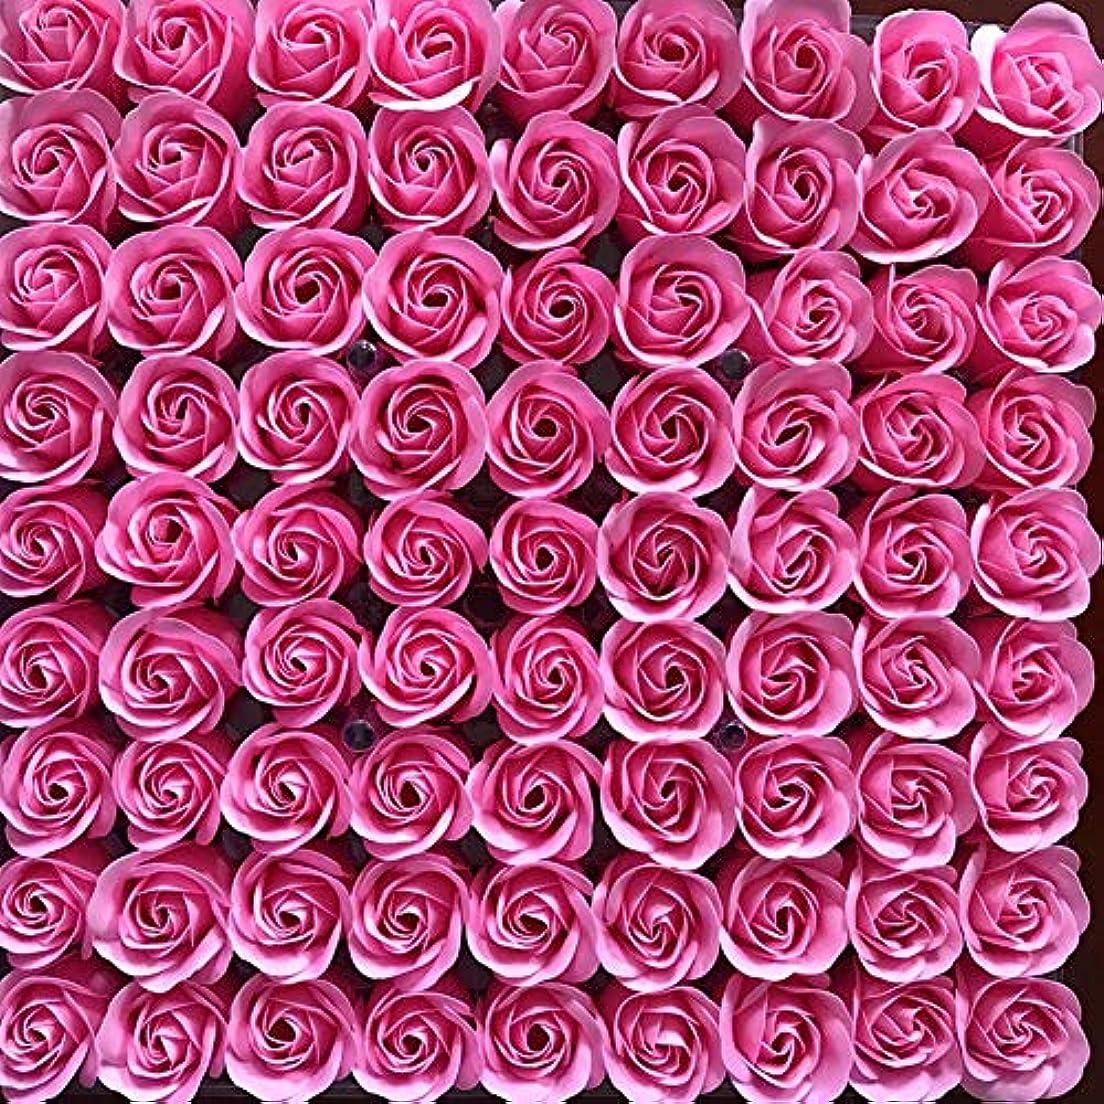 カポック雑多なバラバラにする81PCS DIY ボディソープ バラ ローズ 洗濯用 フラワーソープ 良い香り 三層 贈り物 結婚披露宴 バレンタインデーギフト 石鹸の花+ボックス